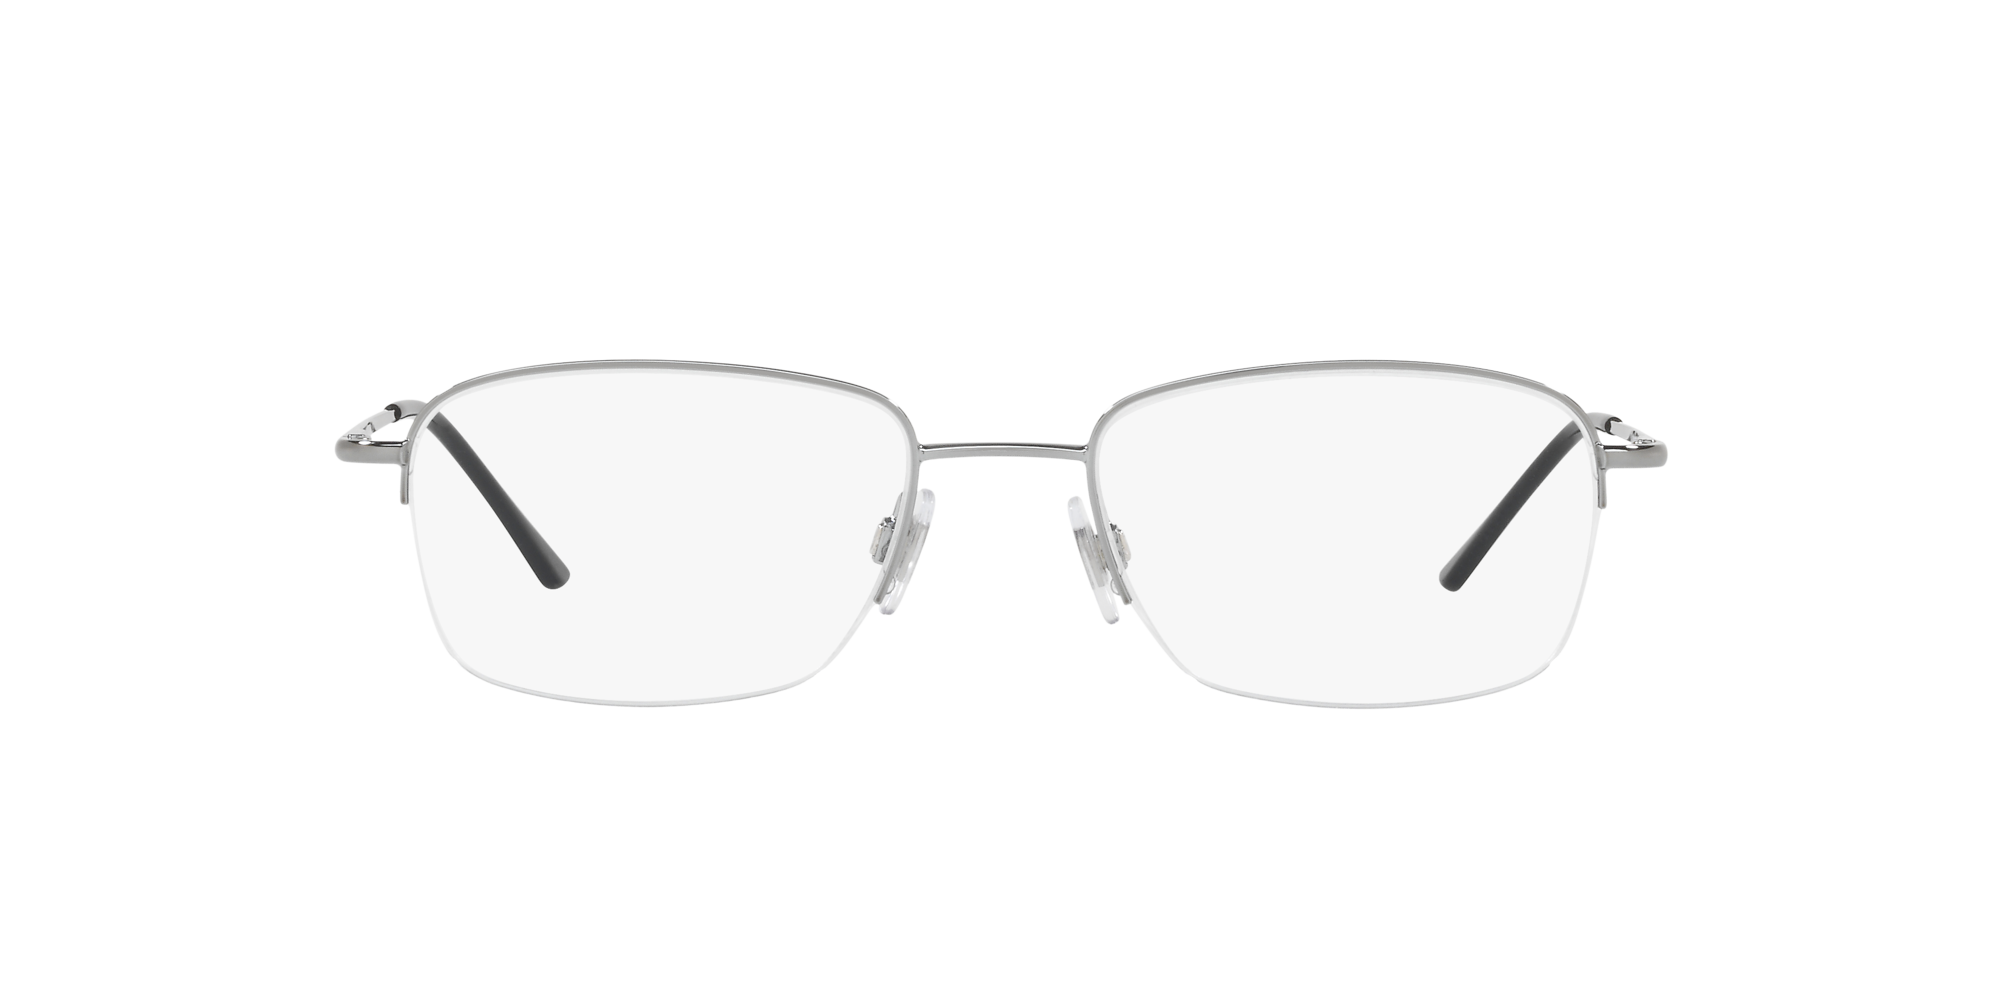 Imagen para PH1001 de LensCrafters |  Espejuelos, espejuelos graduados en línea, gafas